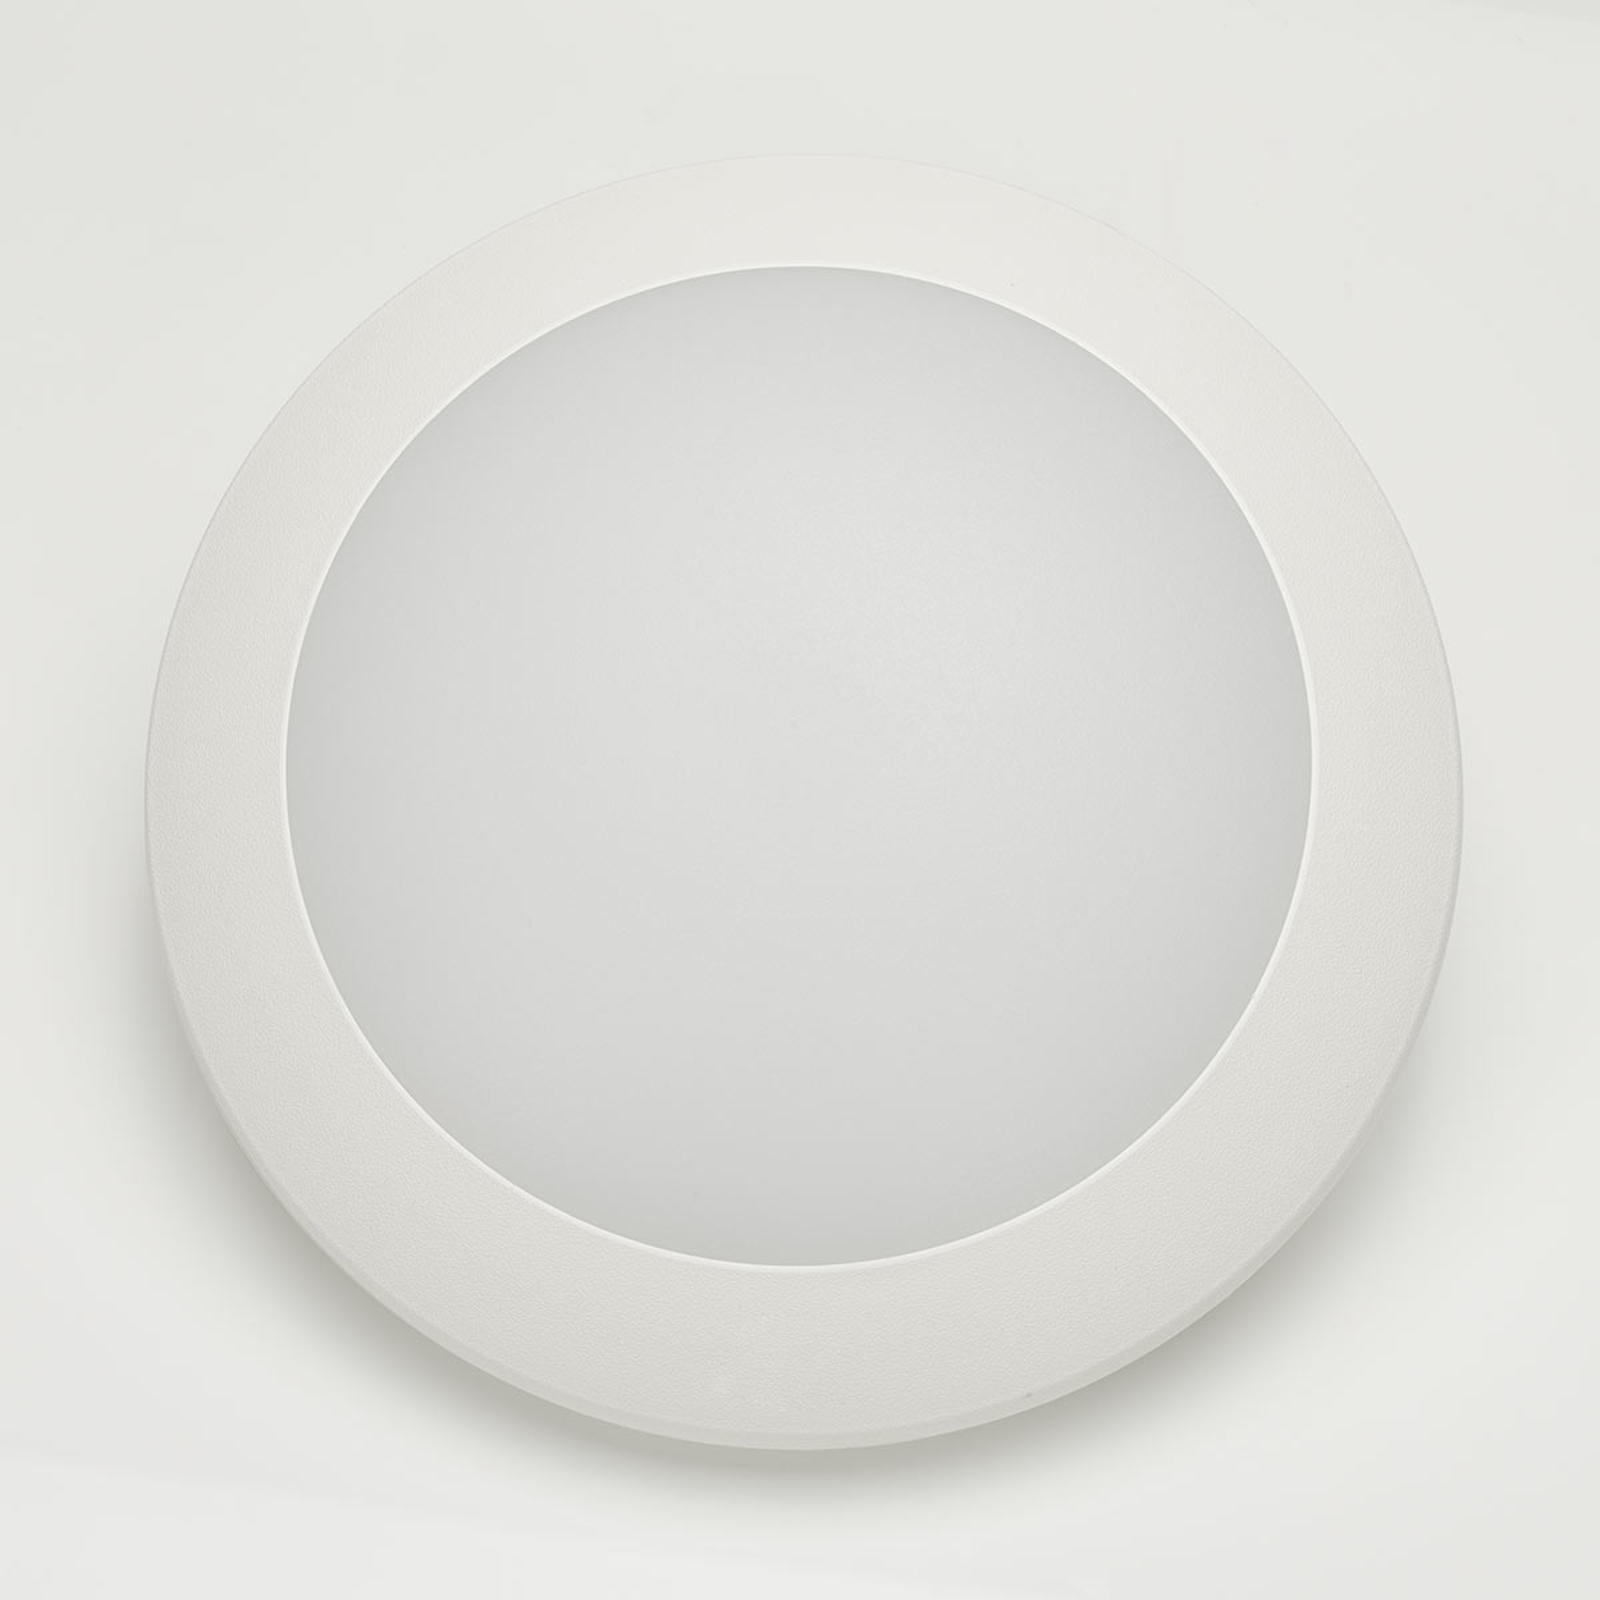 LED-Außenwandleuchte Berta Ø 27,5cm weiß 11W CCT